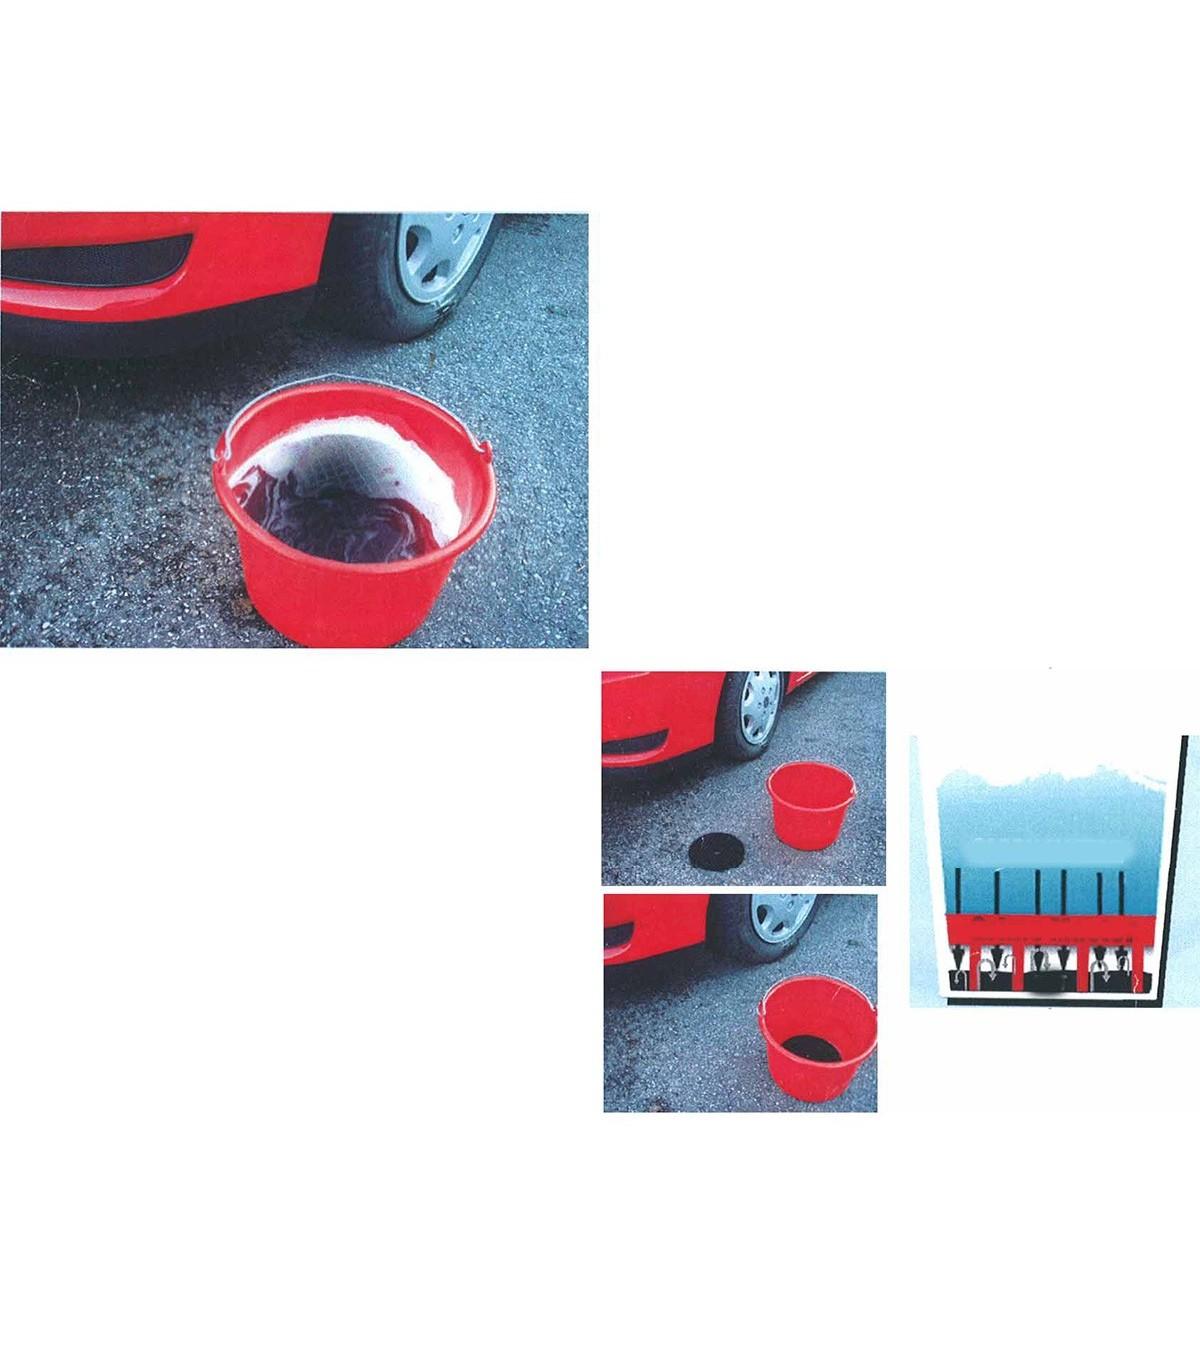 Séparateur eau propre eau sale - lot de 3